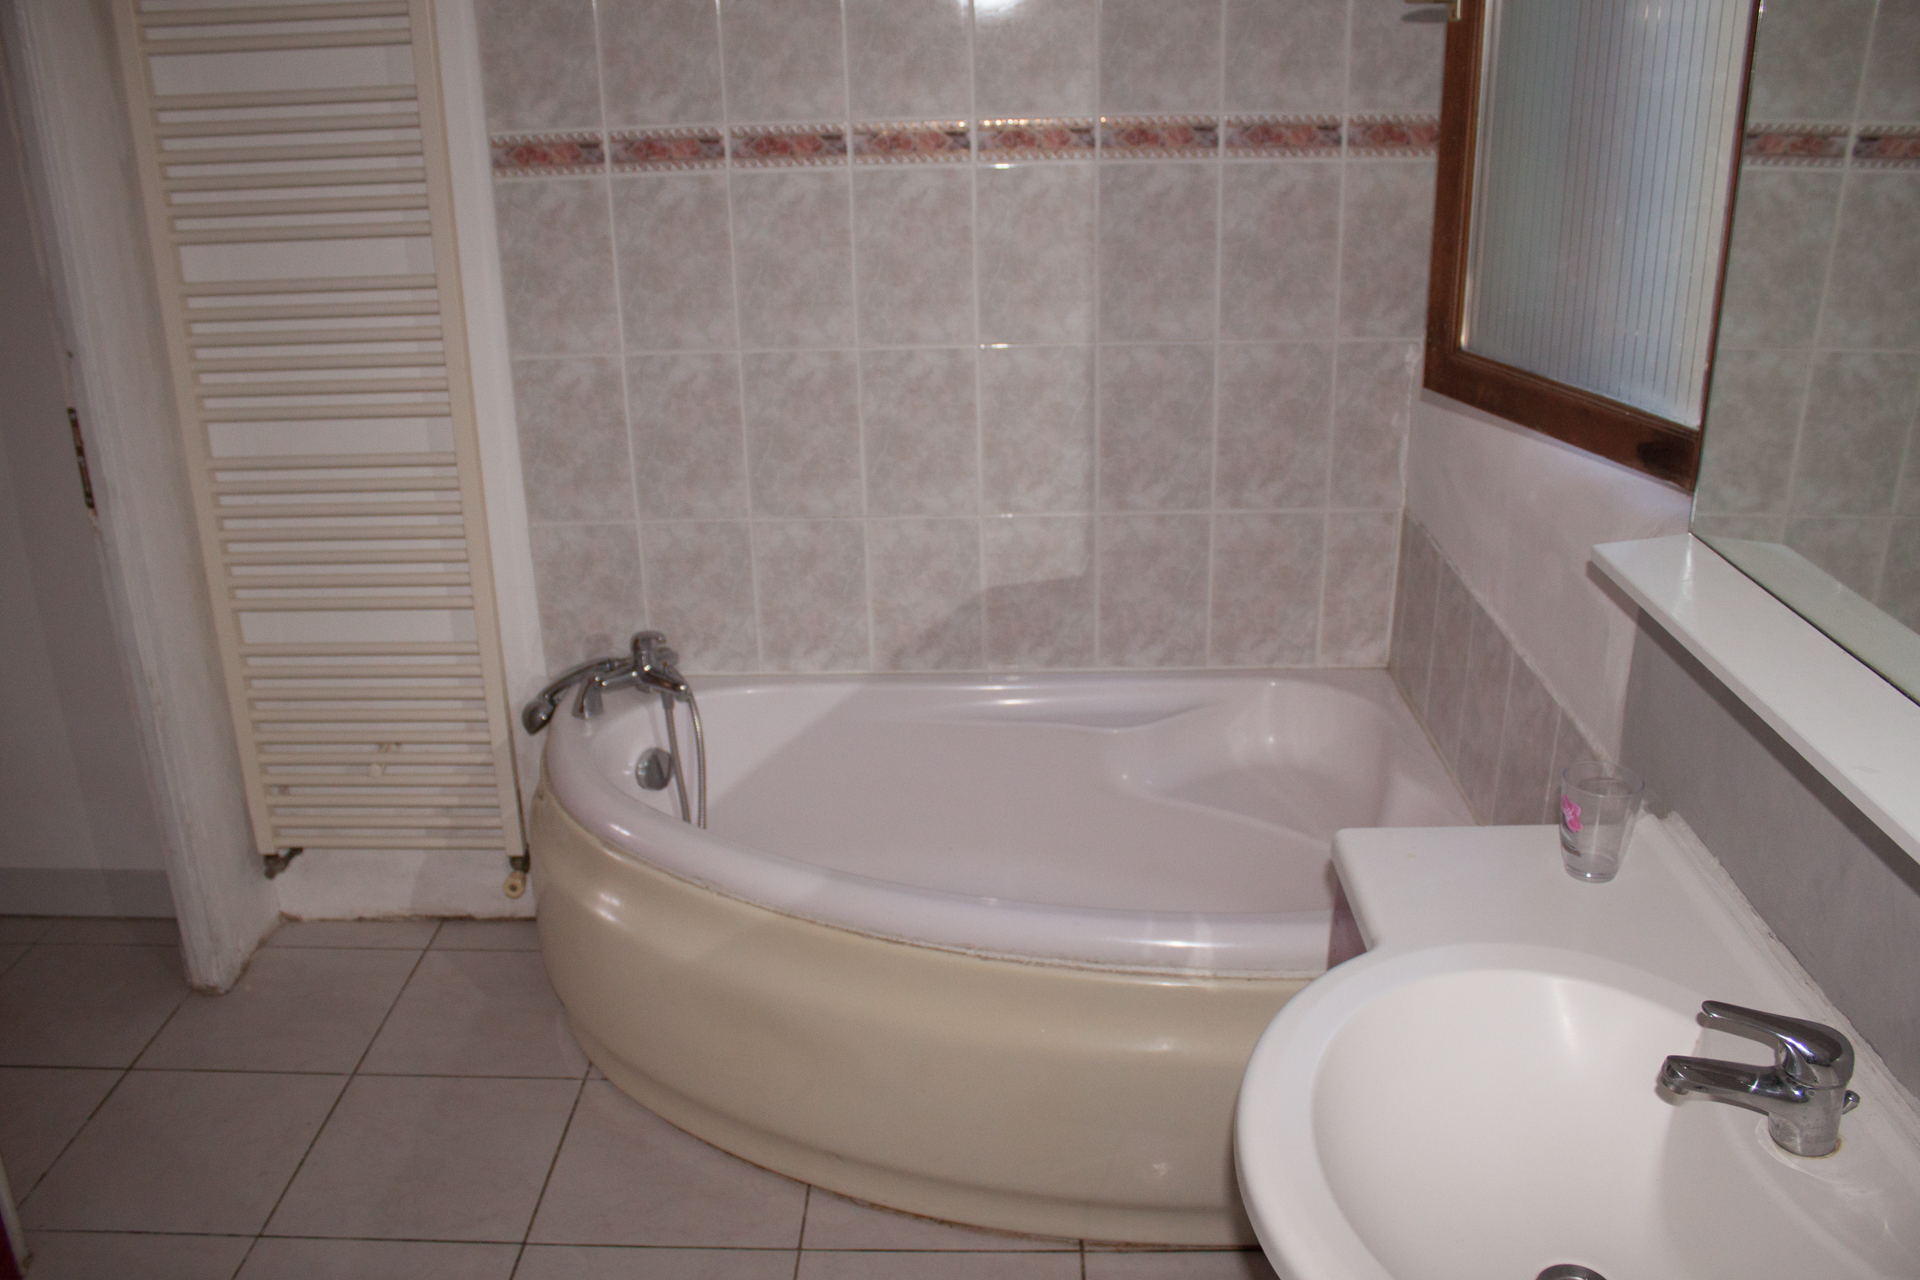 Les bourdoncles familha salle de bain 1 les bourdoncles for Salle de bain translation